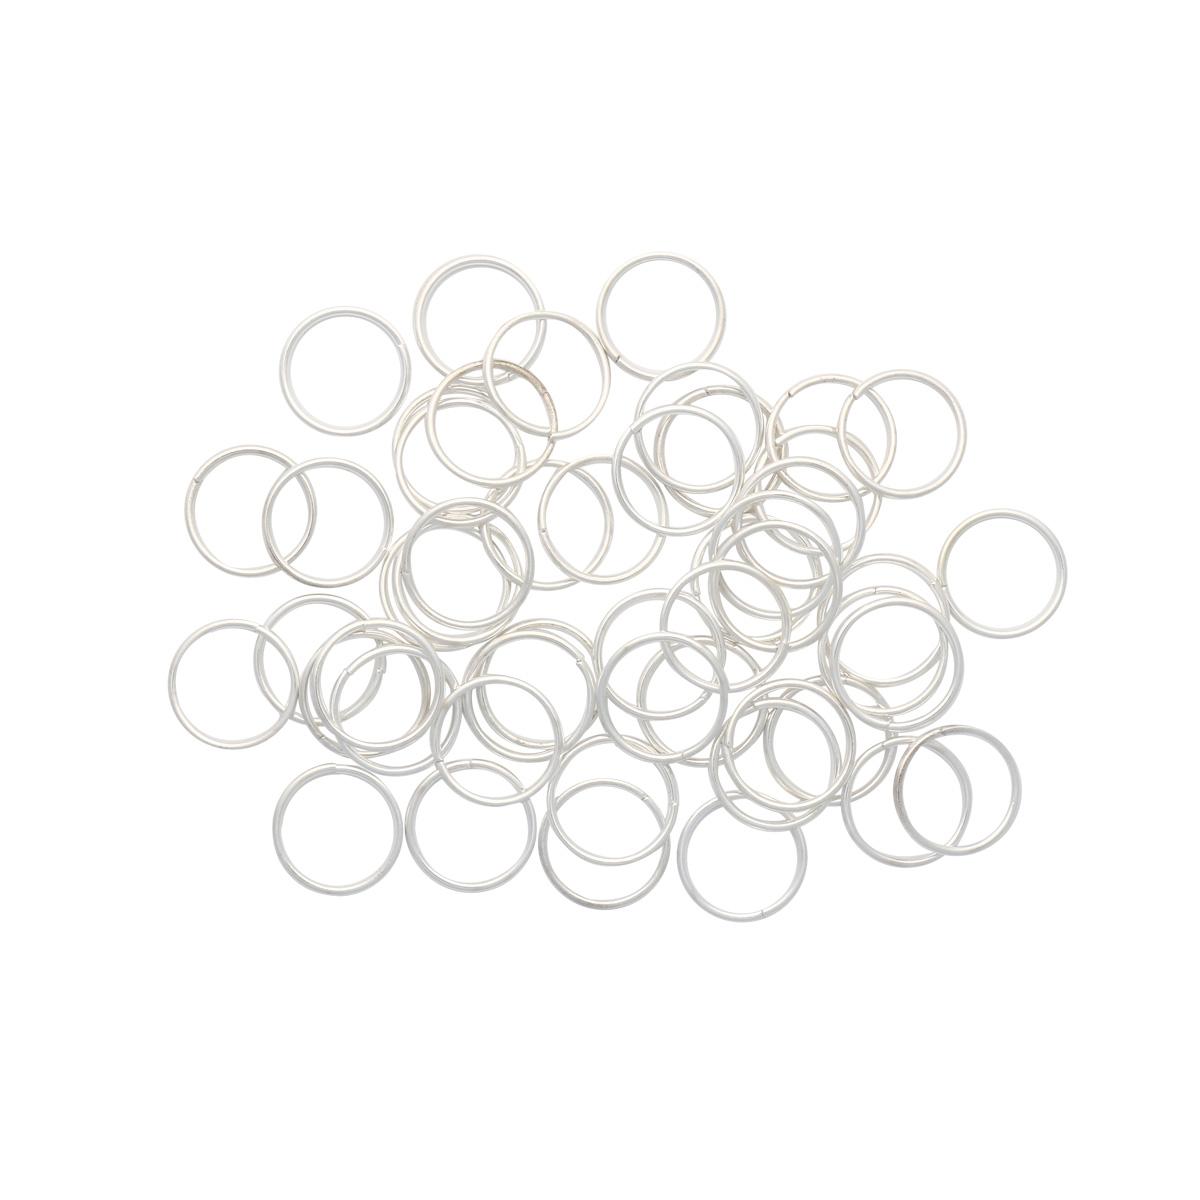 4AR253/254 Кольцо соединительное двойное, 6мм, 50шт/упак, Астра